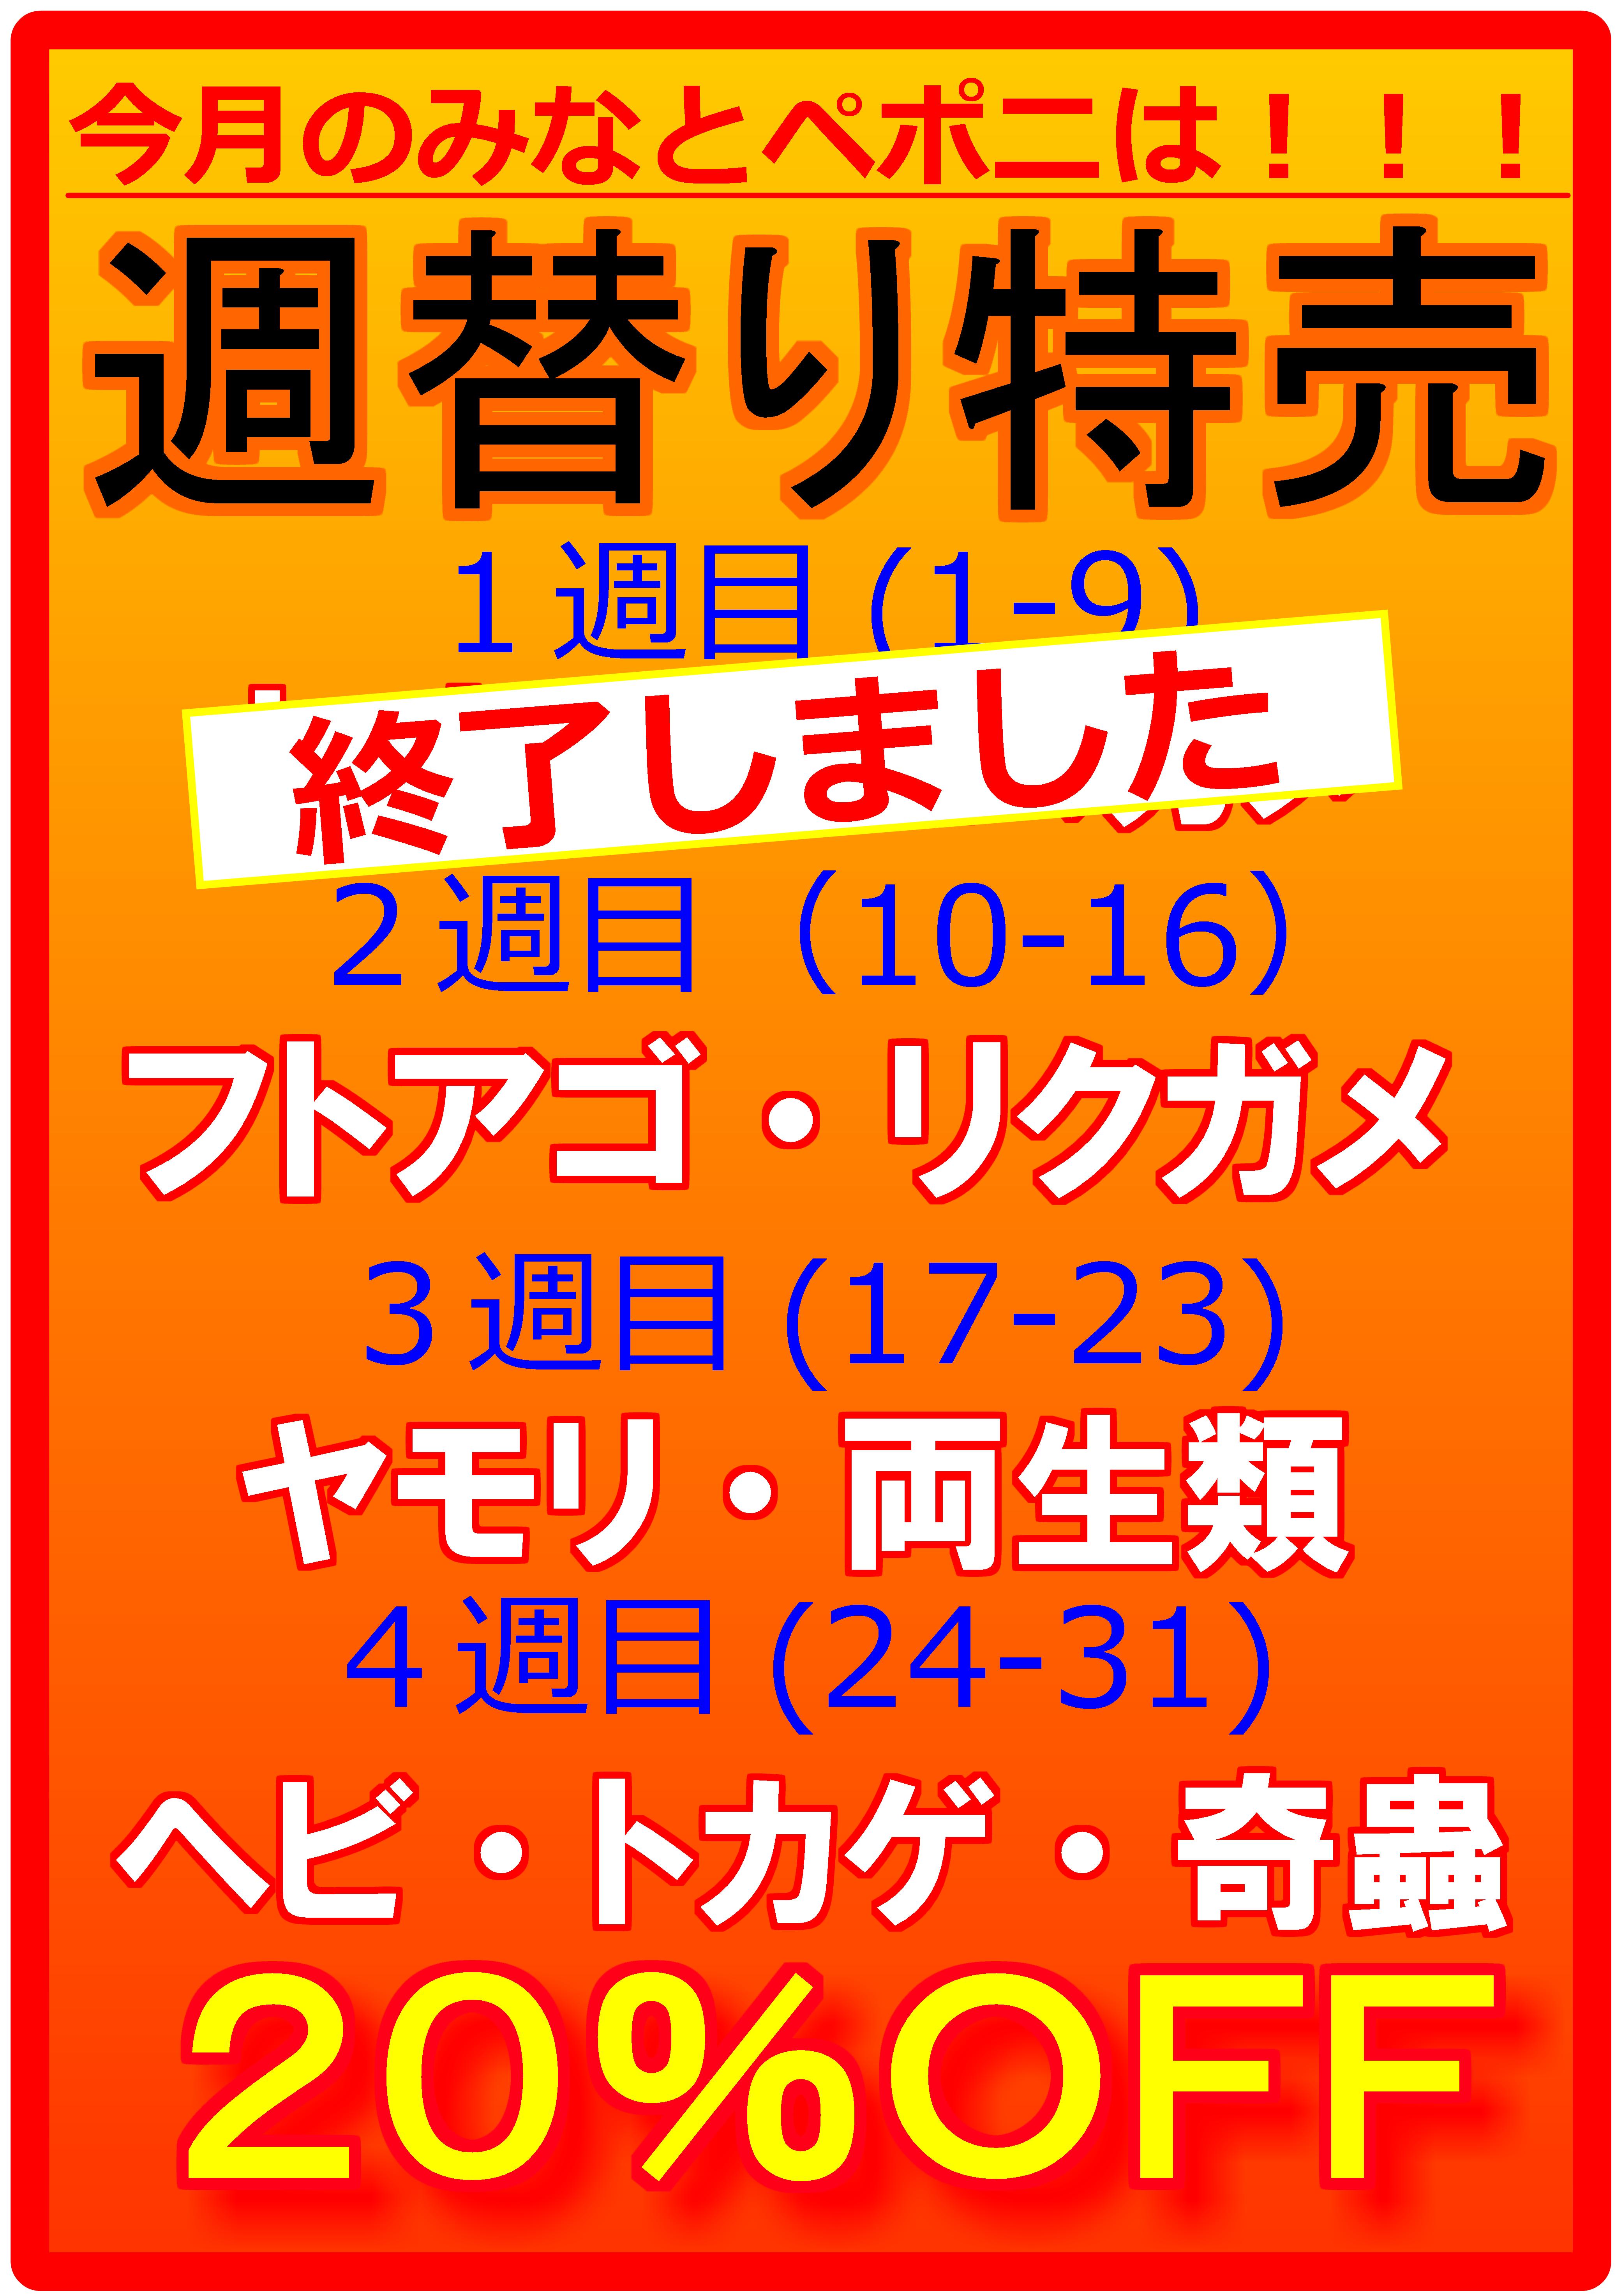 週替り特売2週目!!@みなとペポニ